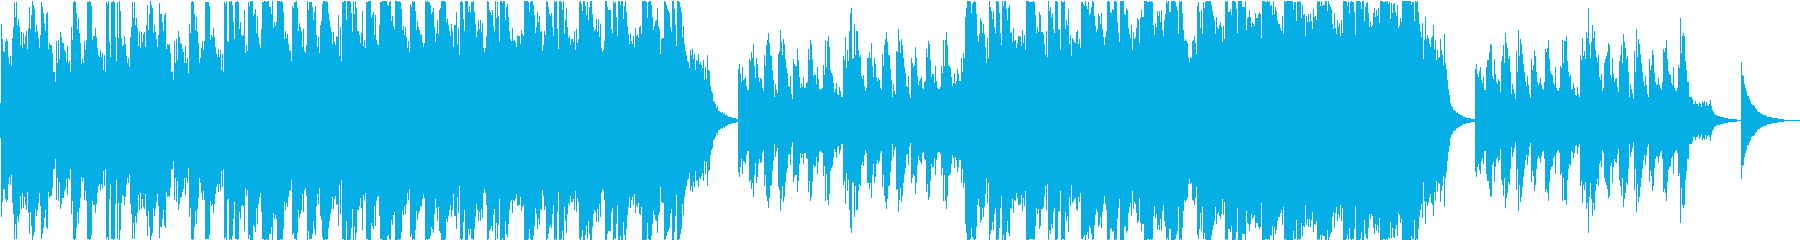 クラシック、シネマティック、ピアノの再生済みの波形